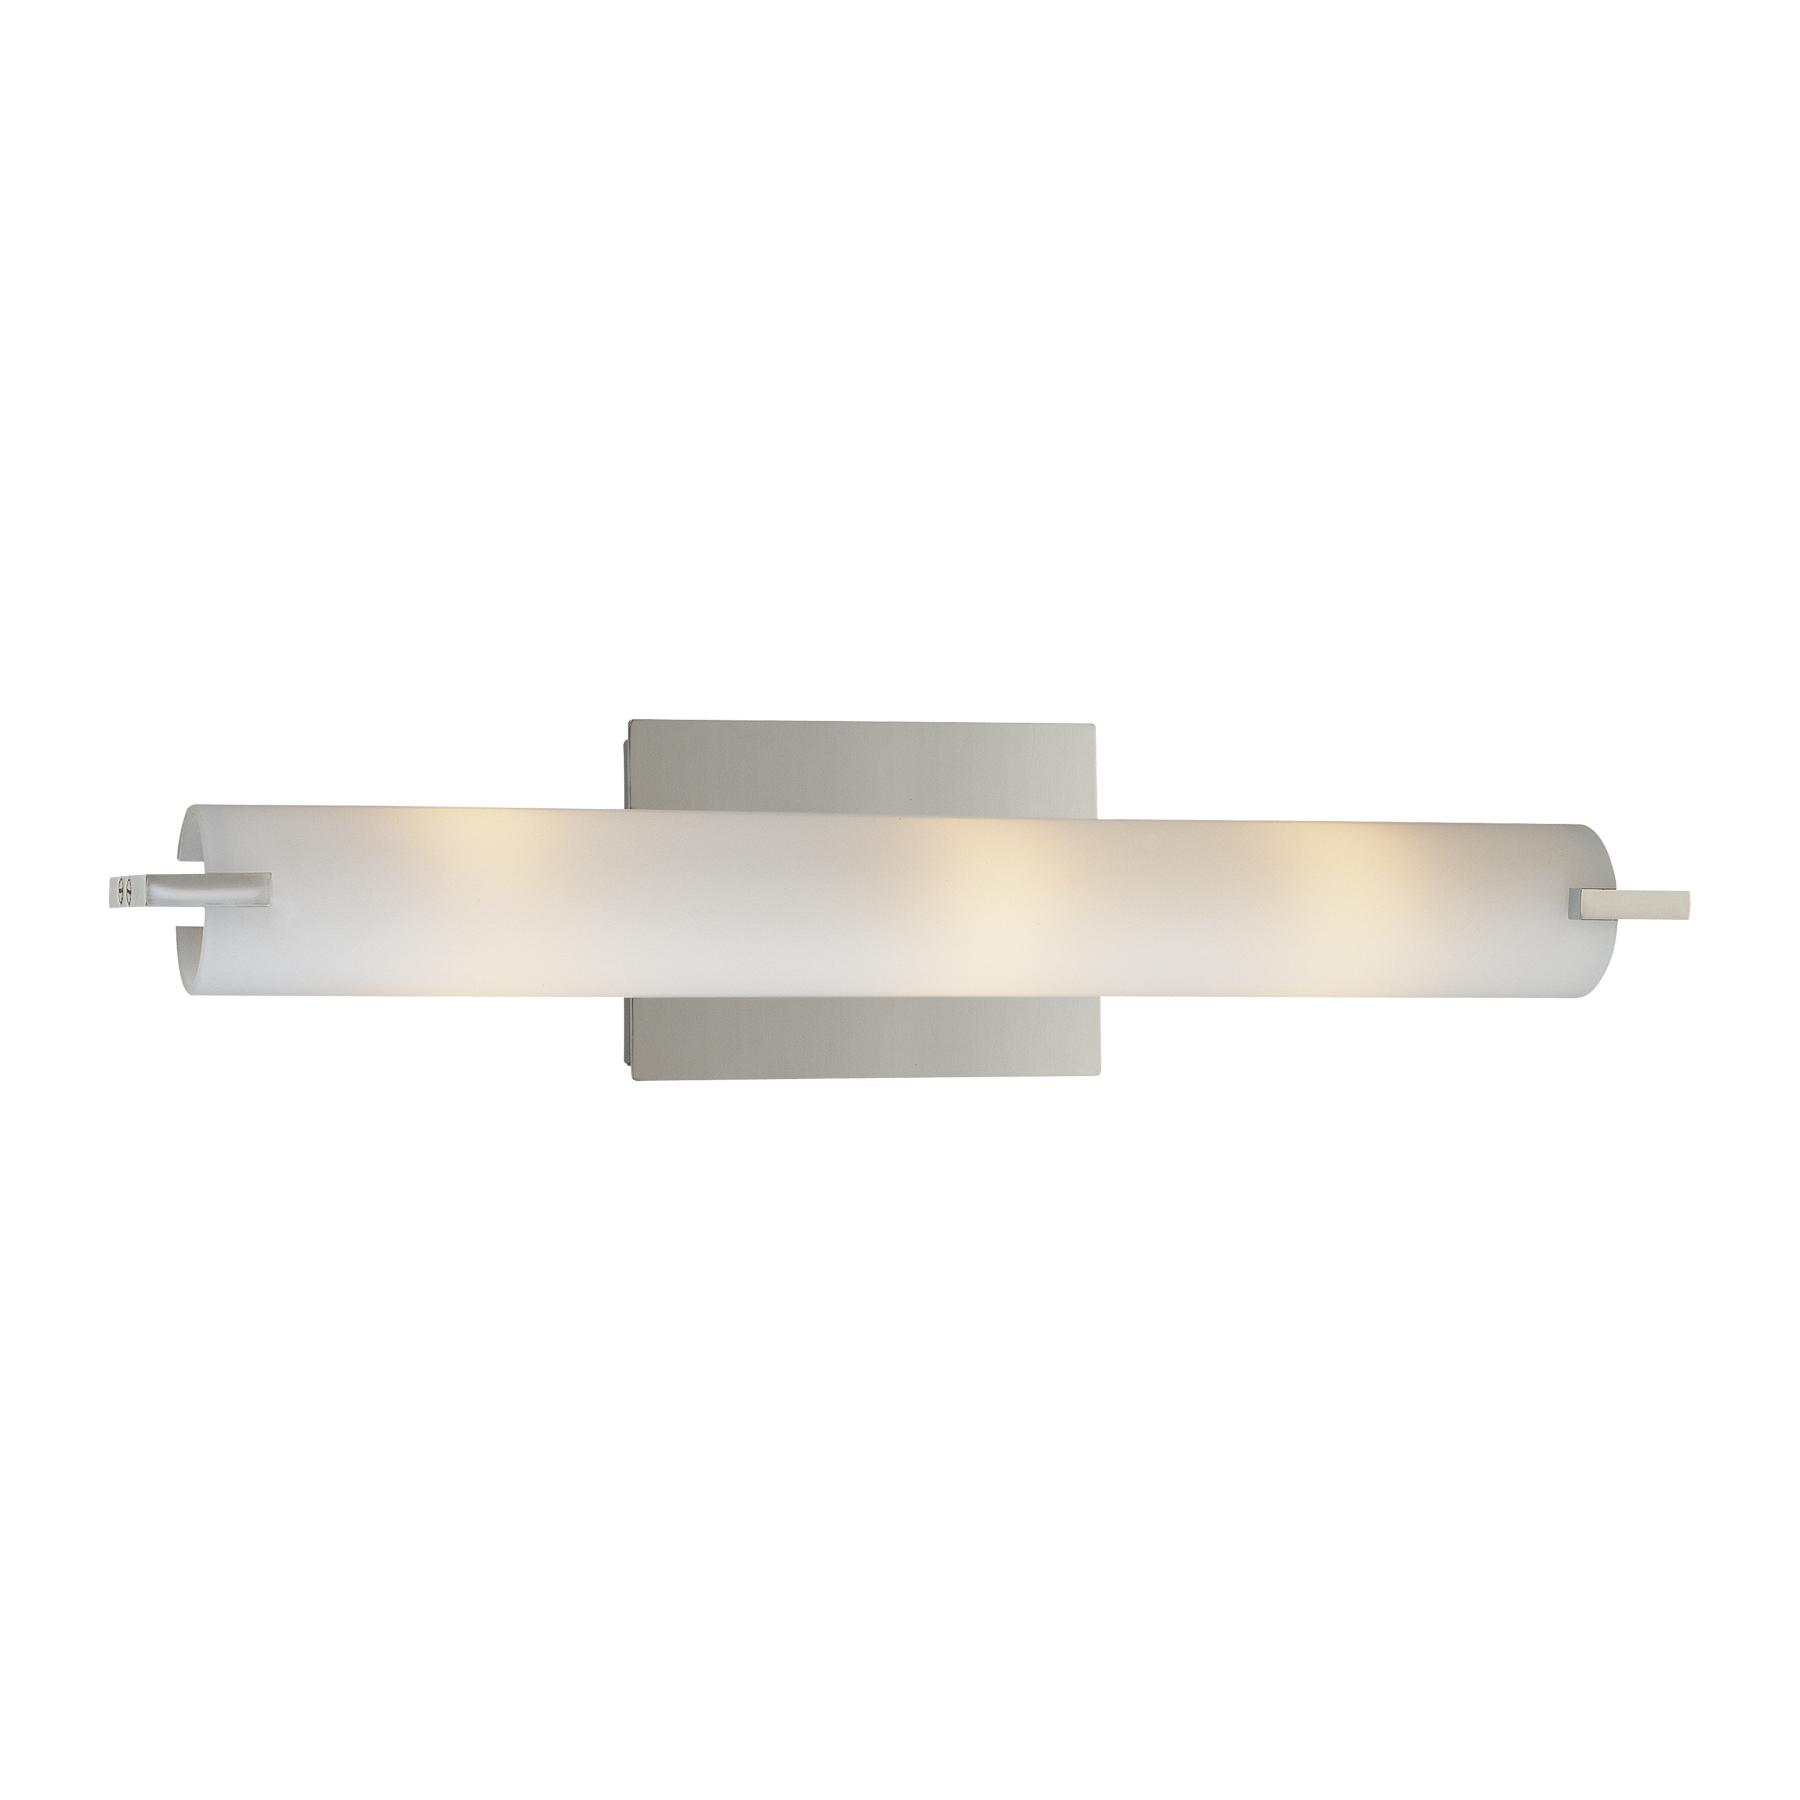 Tube Light Bath Bar By George Kovacs P5044 077